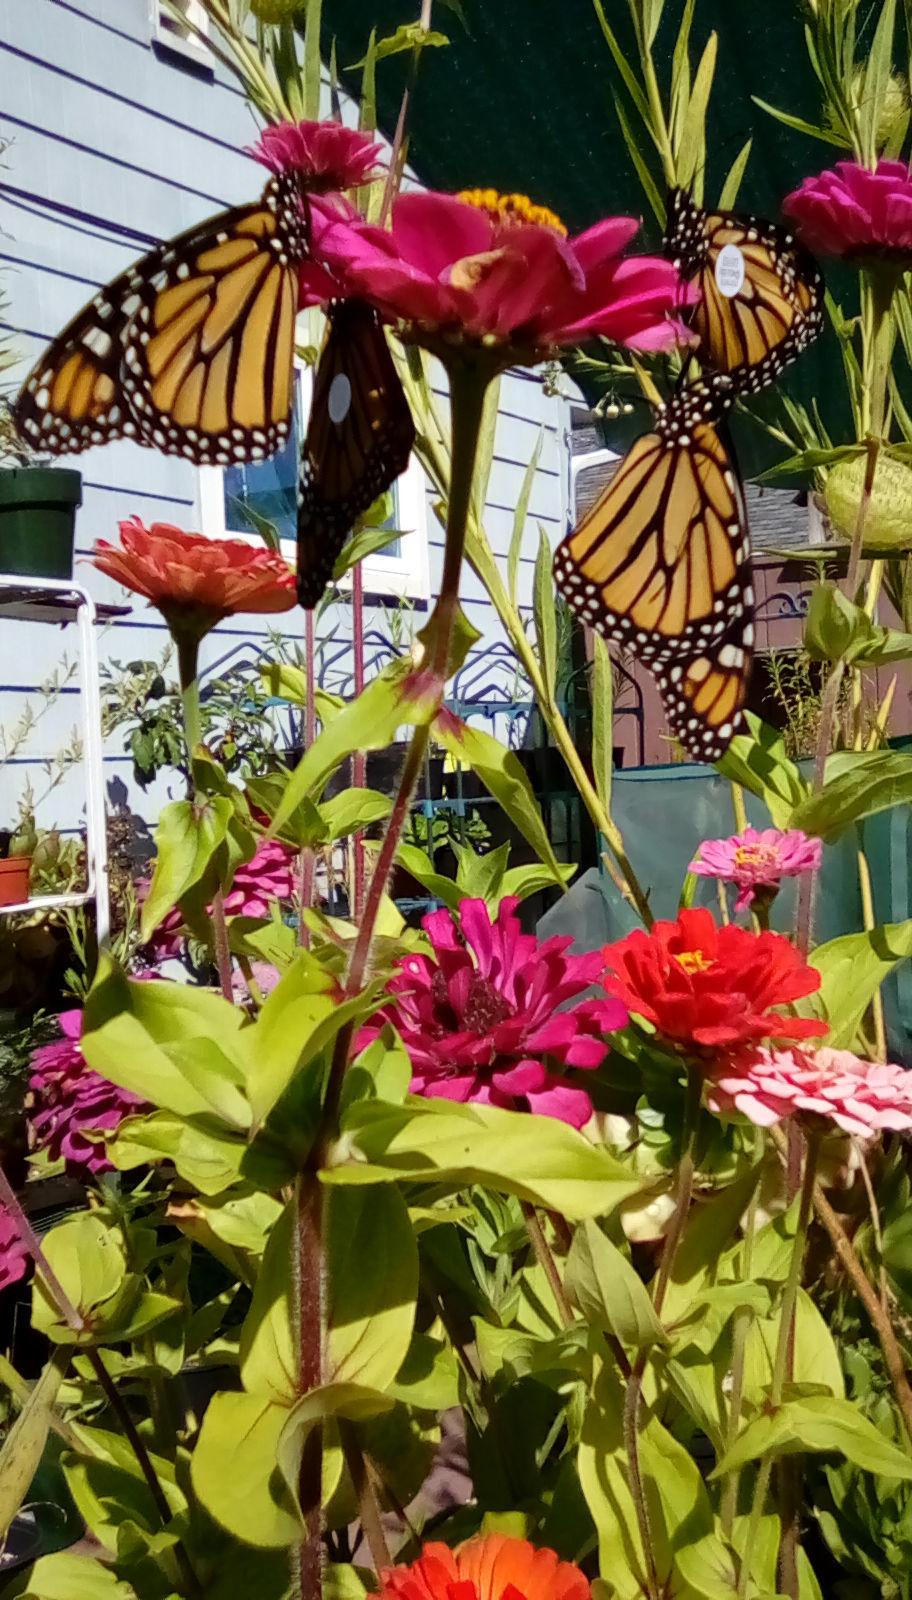 Nectaring Butterflies